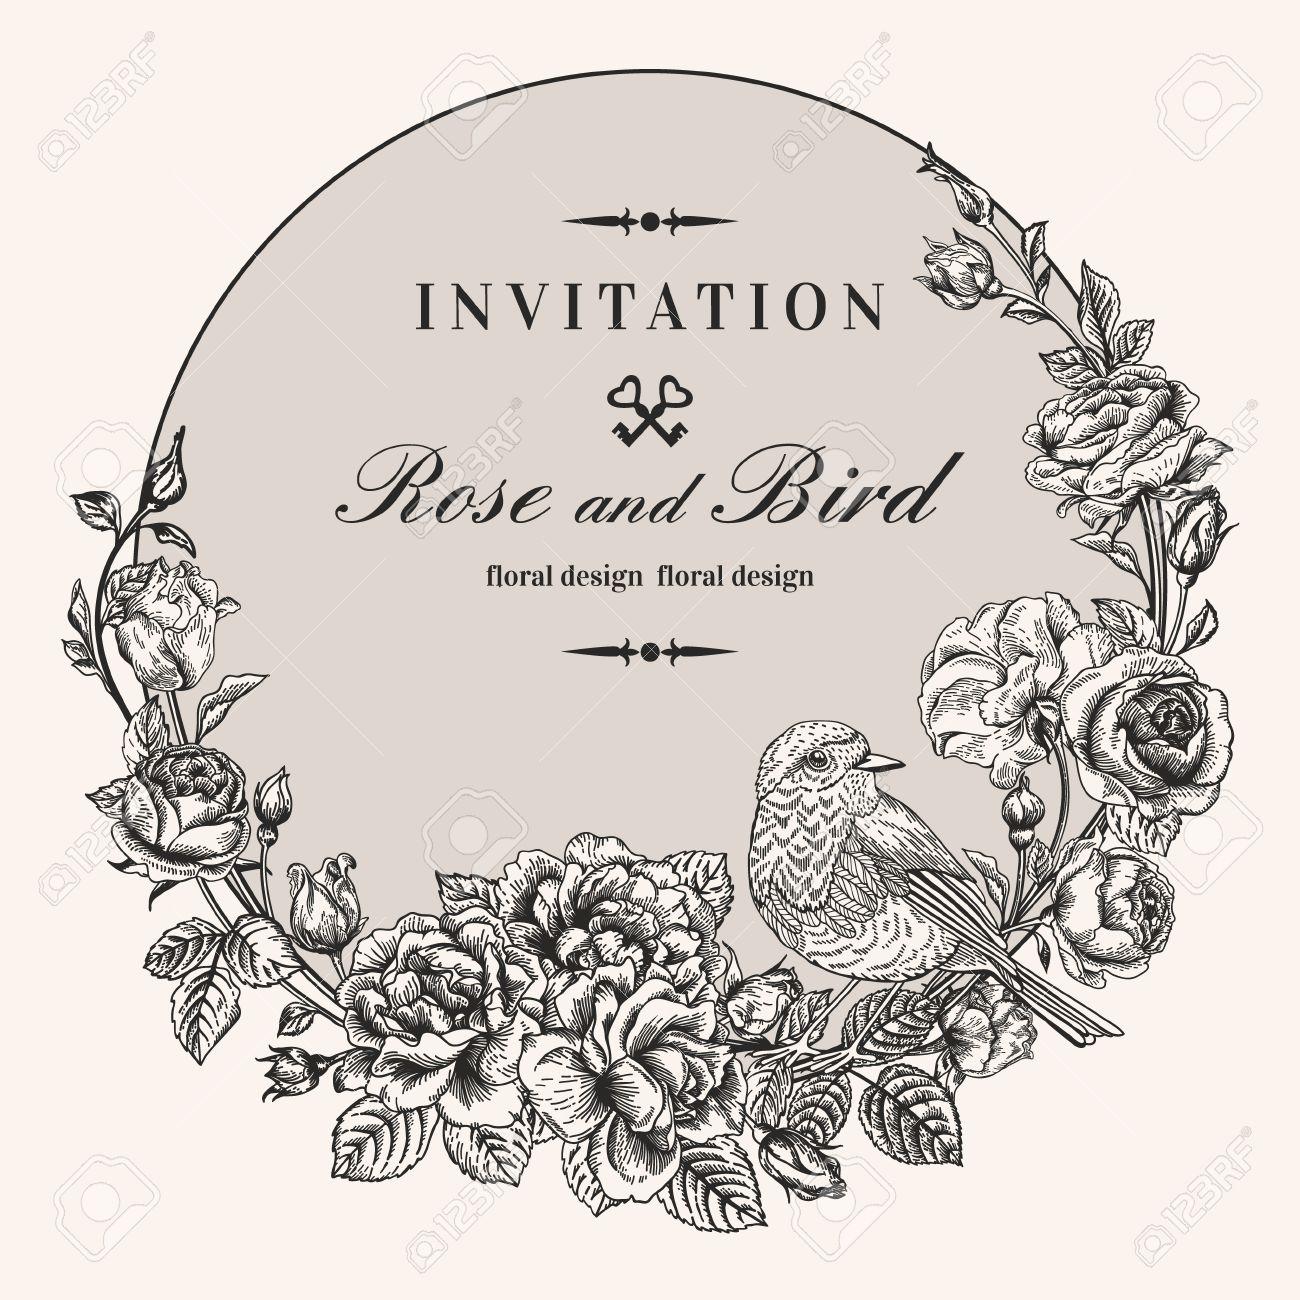 Vektor Jahrgang Runden Rahmen Mit Vögeln Und Rosen. Blumenkranz ...